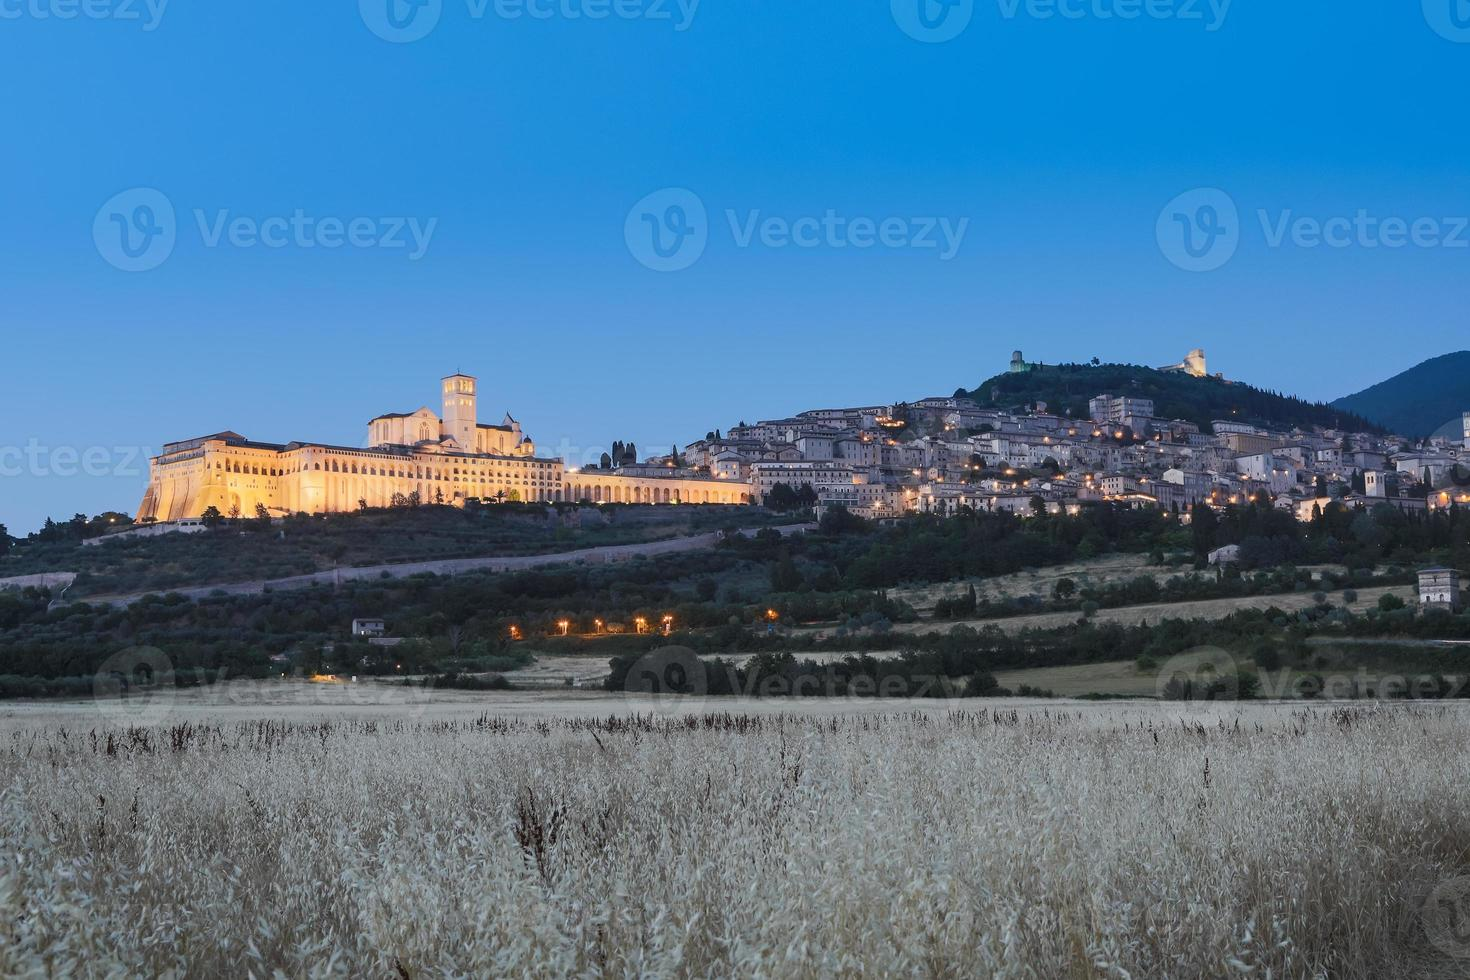 Basílica de Assis à noite, região de umbria, itália. foto